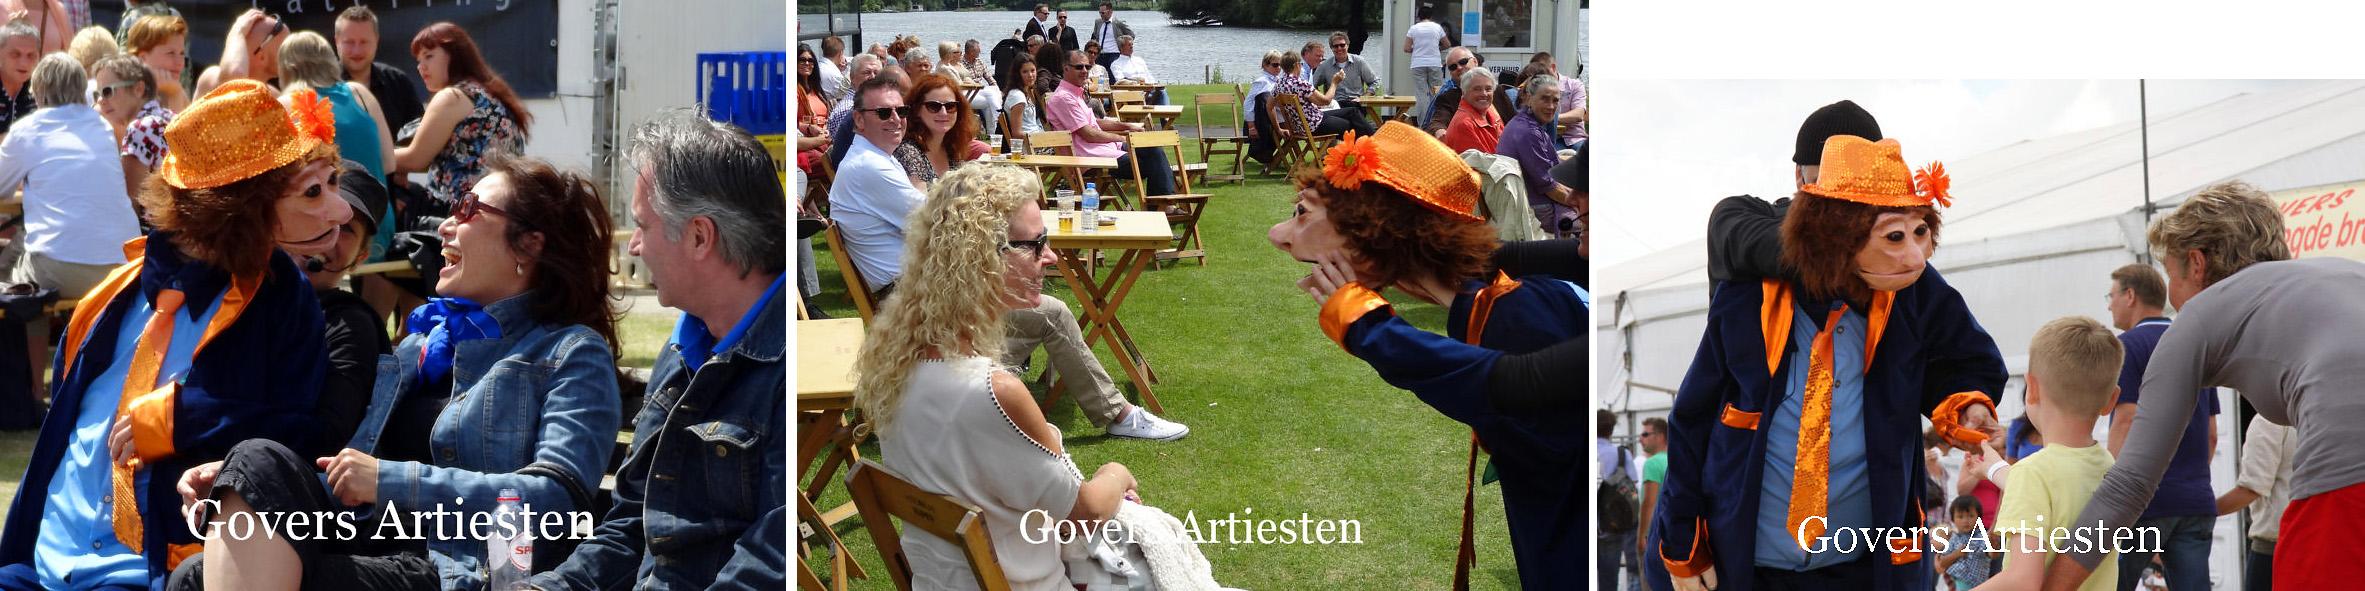 Fred, Straattheater, poppentheater, Govers Artiestenbureau, voorstelling, artiesten boeken, inhuren artiest, www.goversartiesten.nl